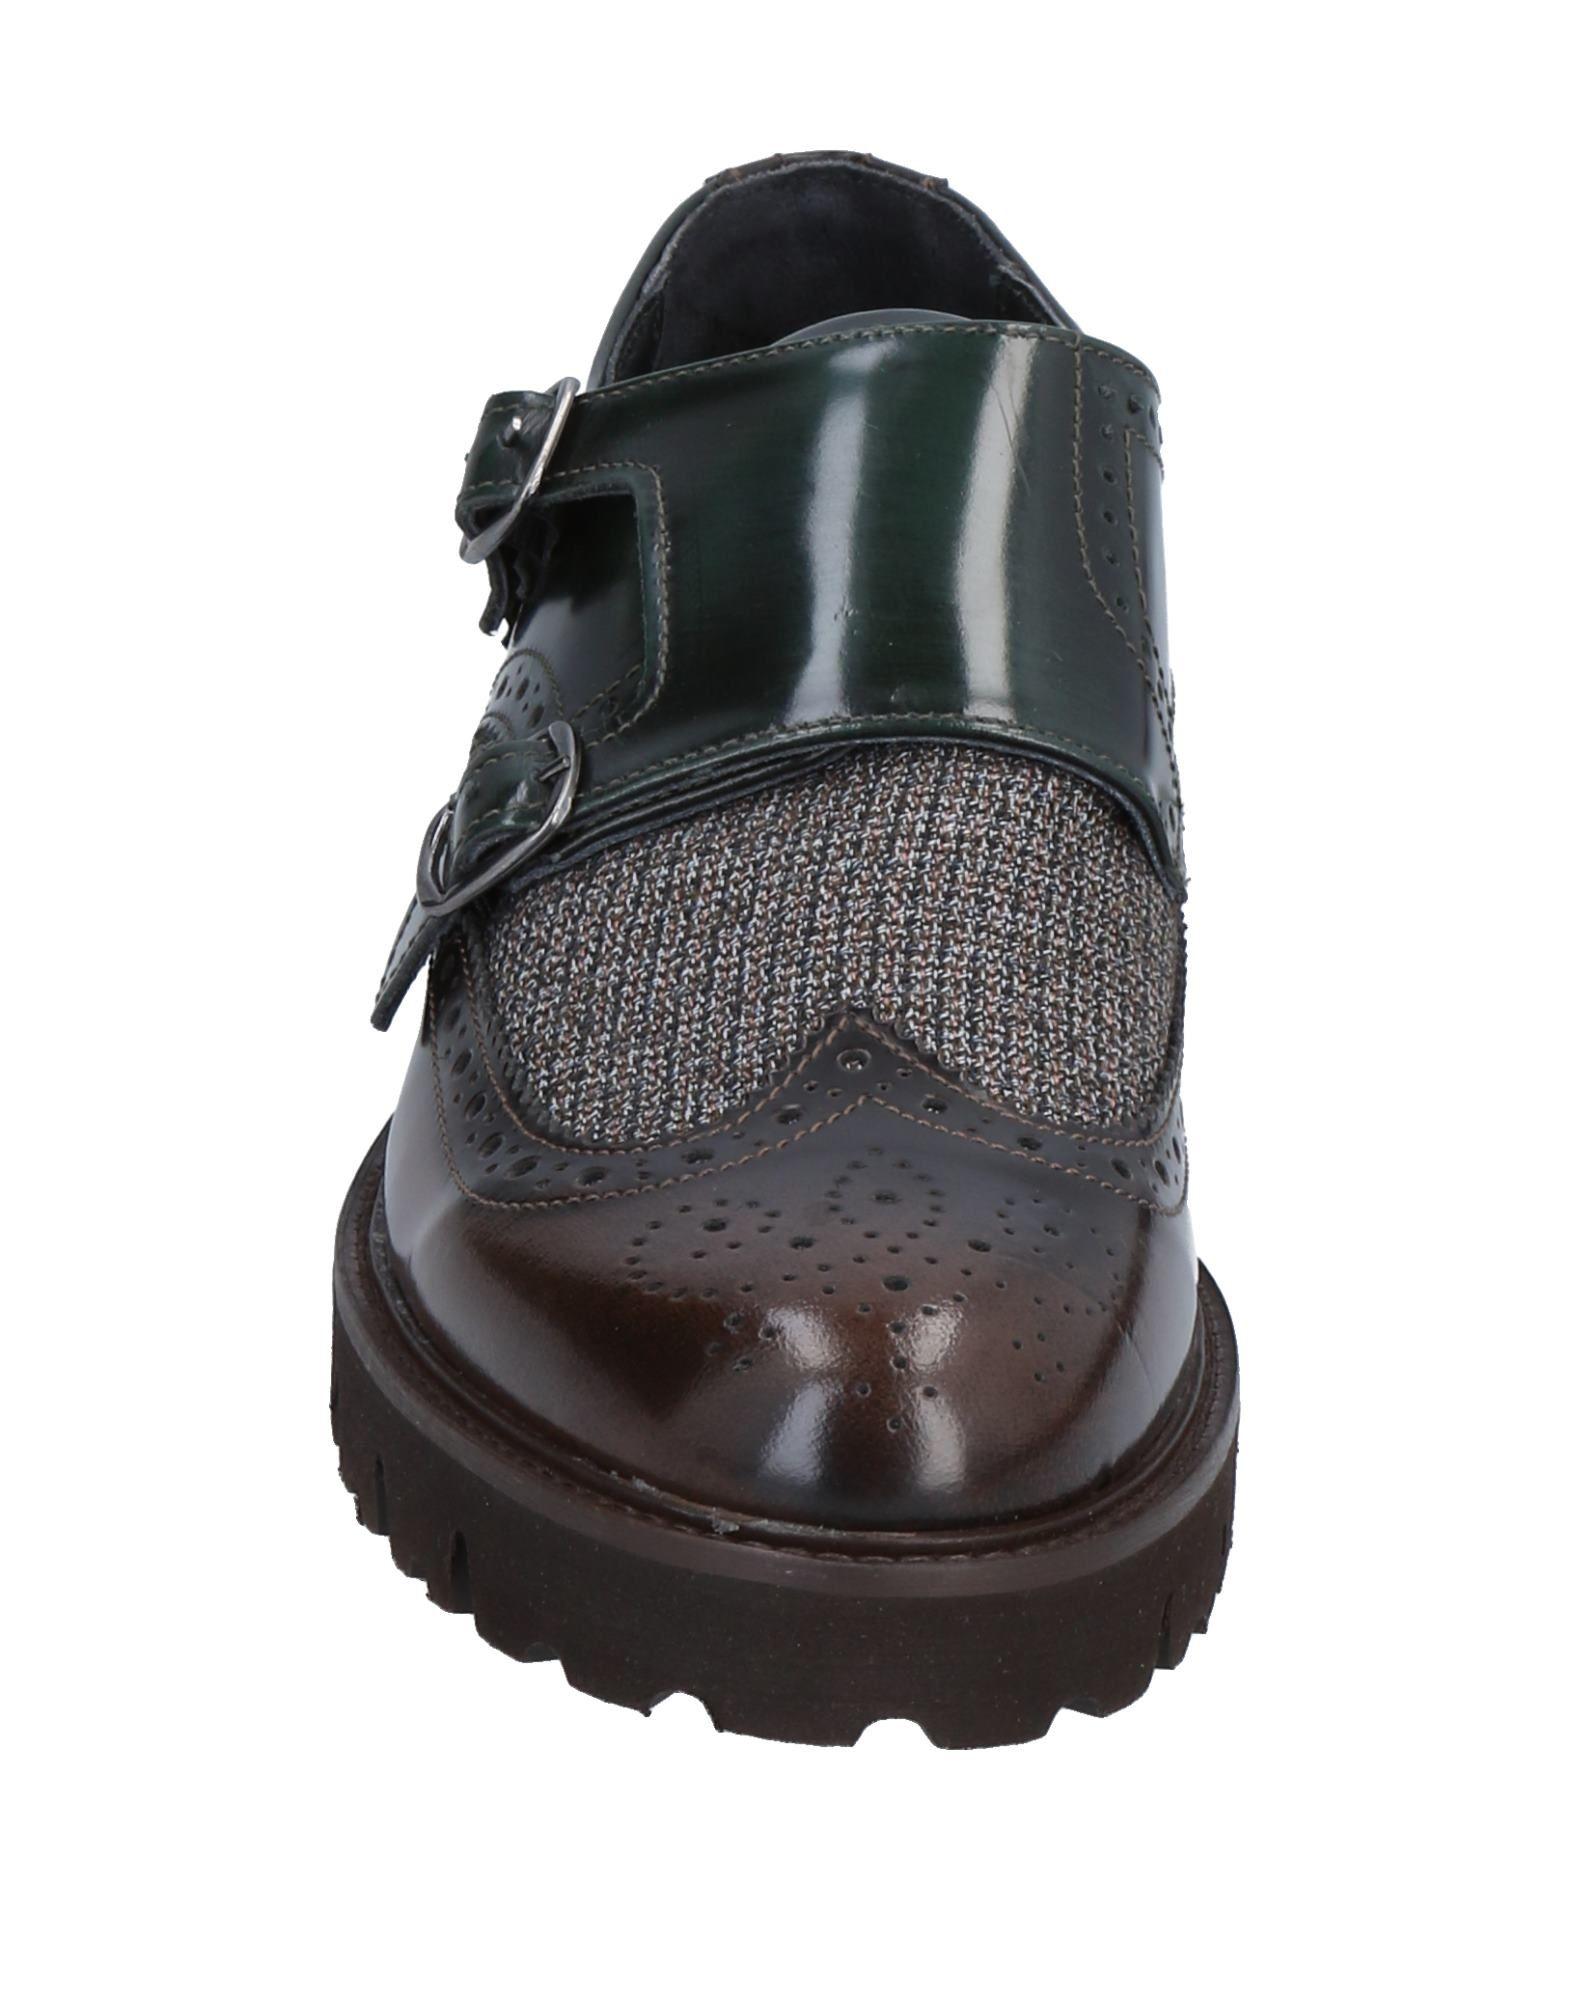 Bottega Marchigiana Loafers - Men Bottega Bottega Bottega Marchigiana Loafers online on  United Kingdom - 11544417KS 99adf0